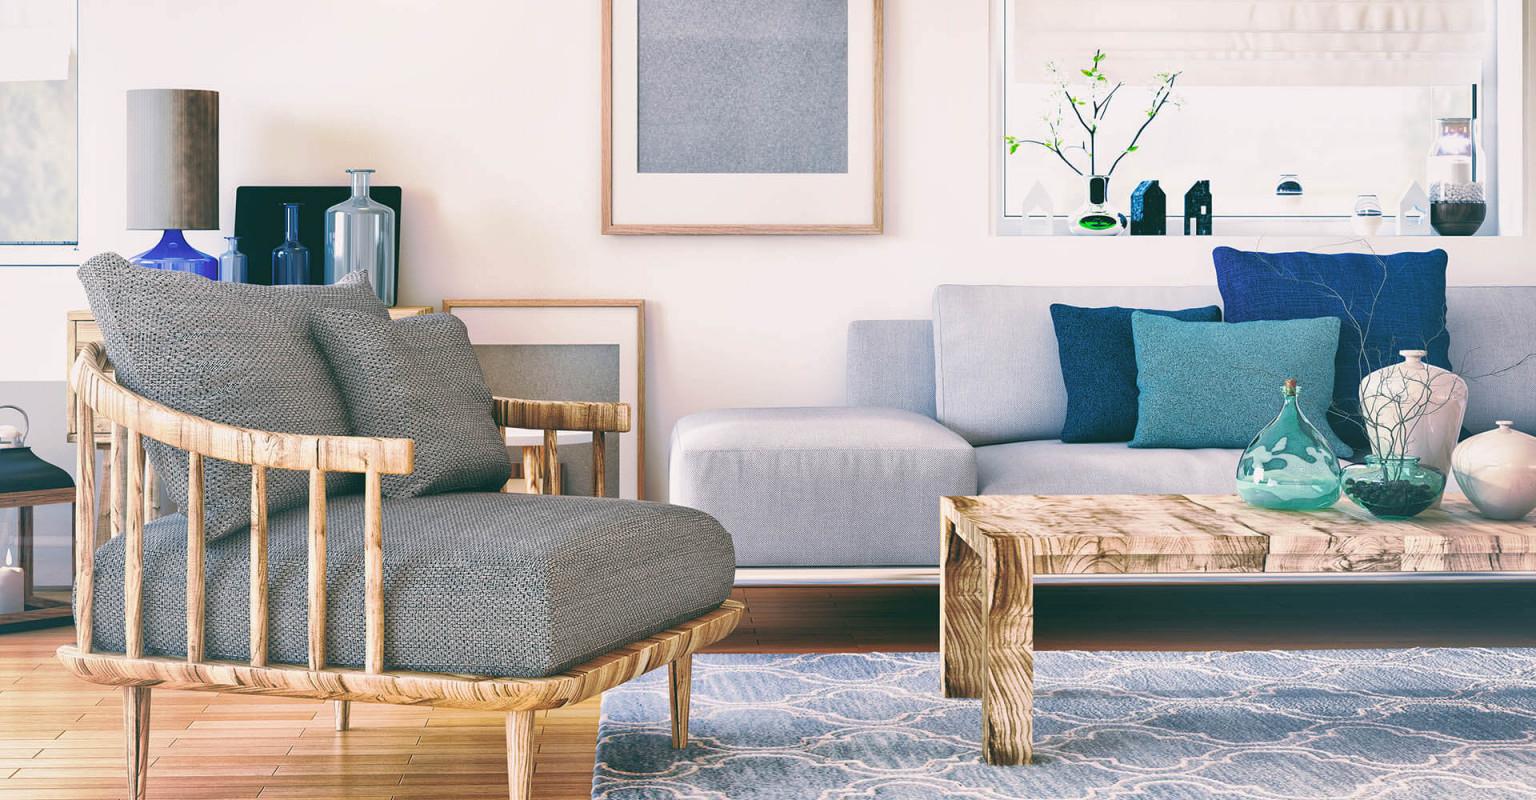 Wohnzimmer Gemütlich Einrichten  8 Schnell Umsetzbare Tipps von Wohnzimmer Einrichten Gemütlich Bild